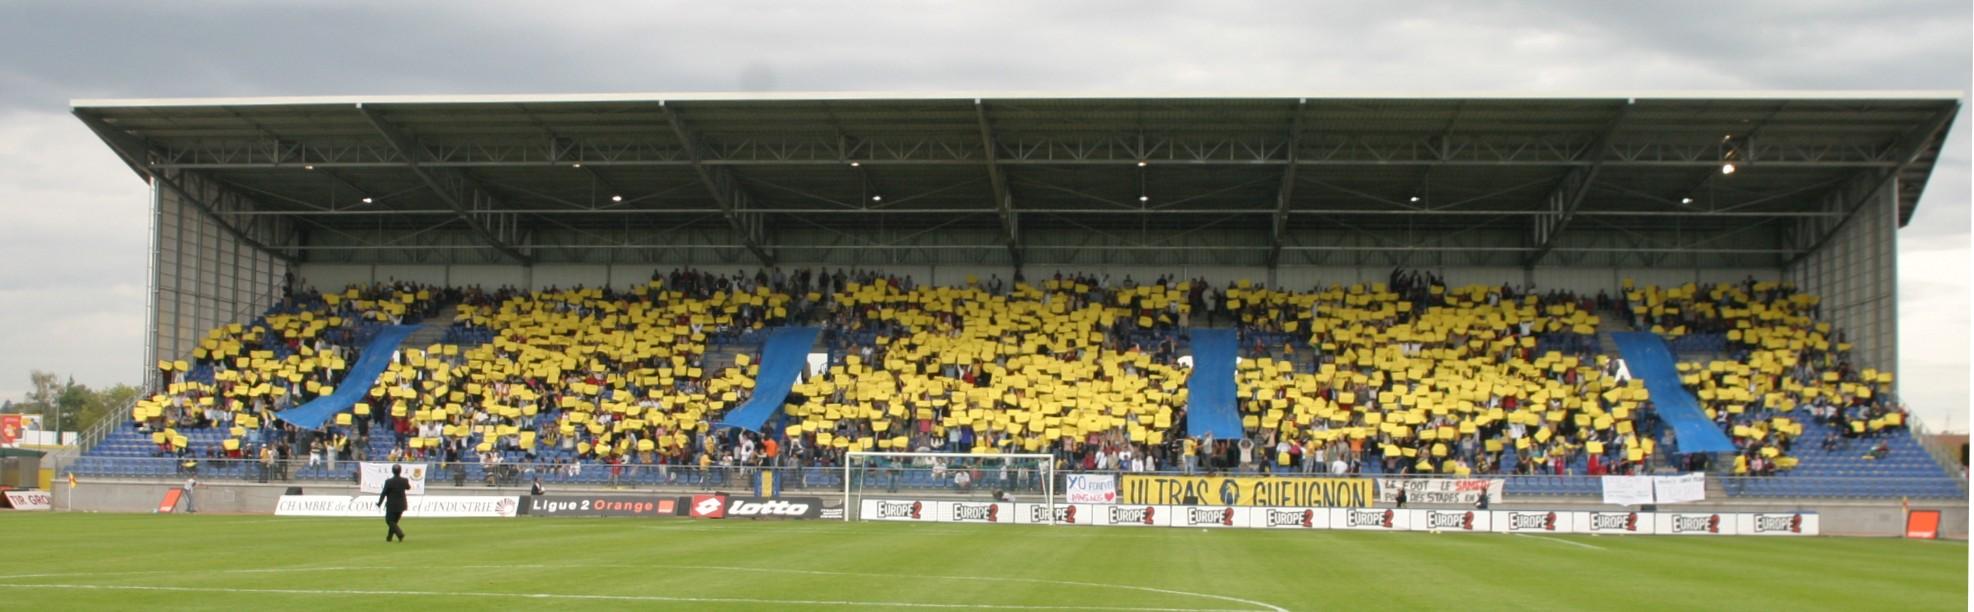 derby 2005/2006